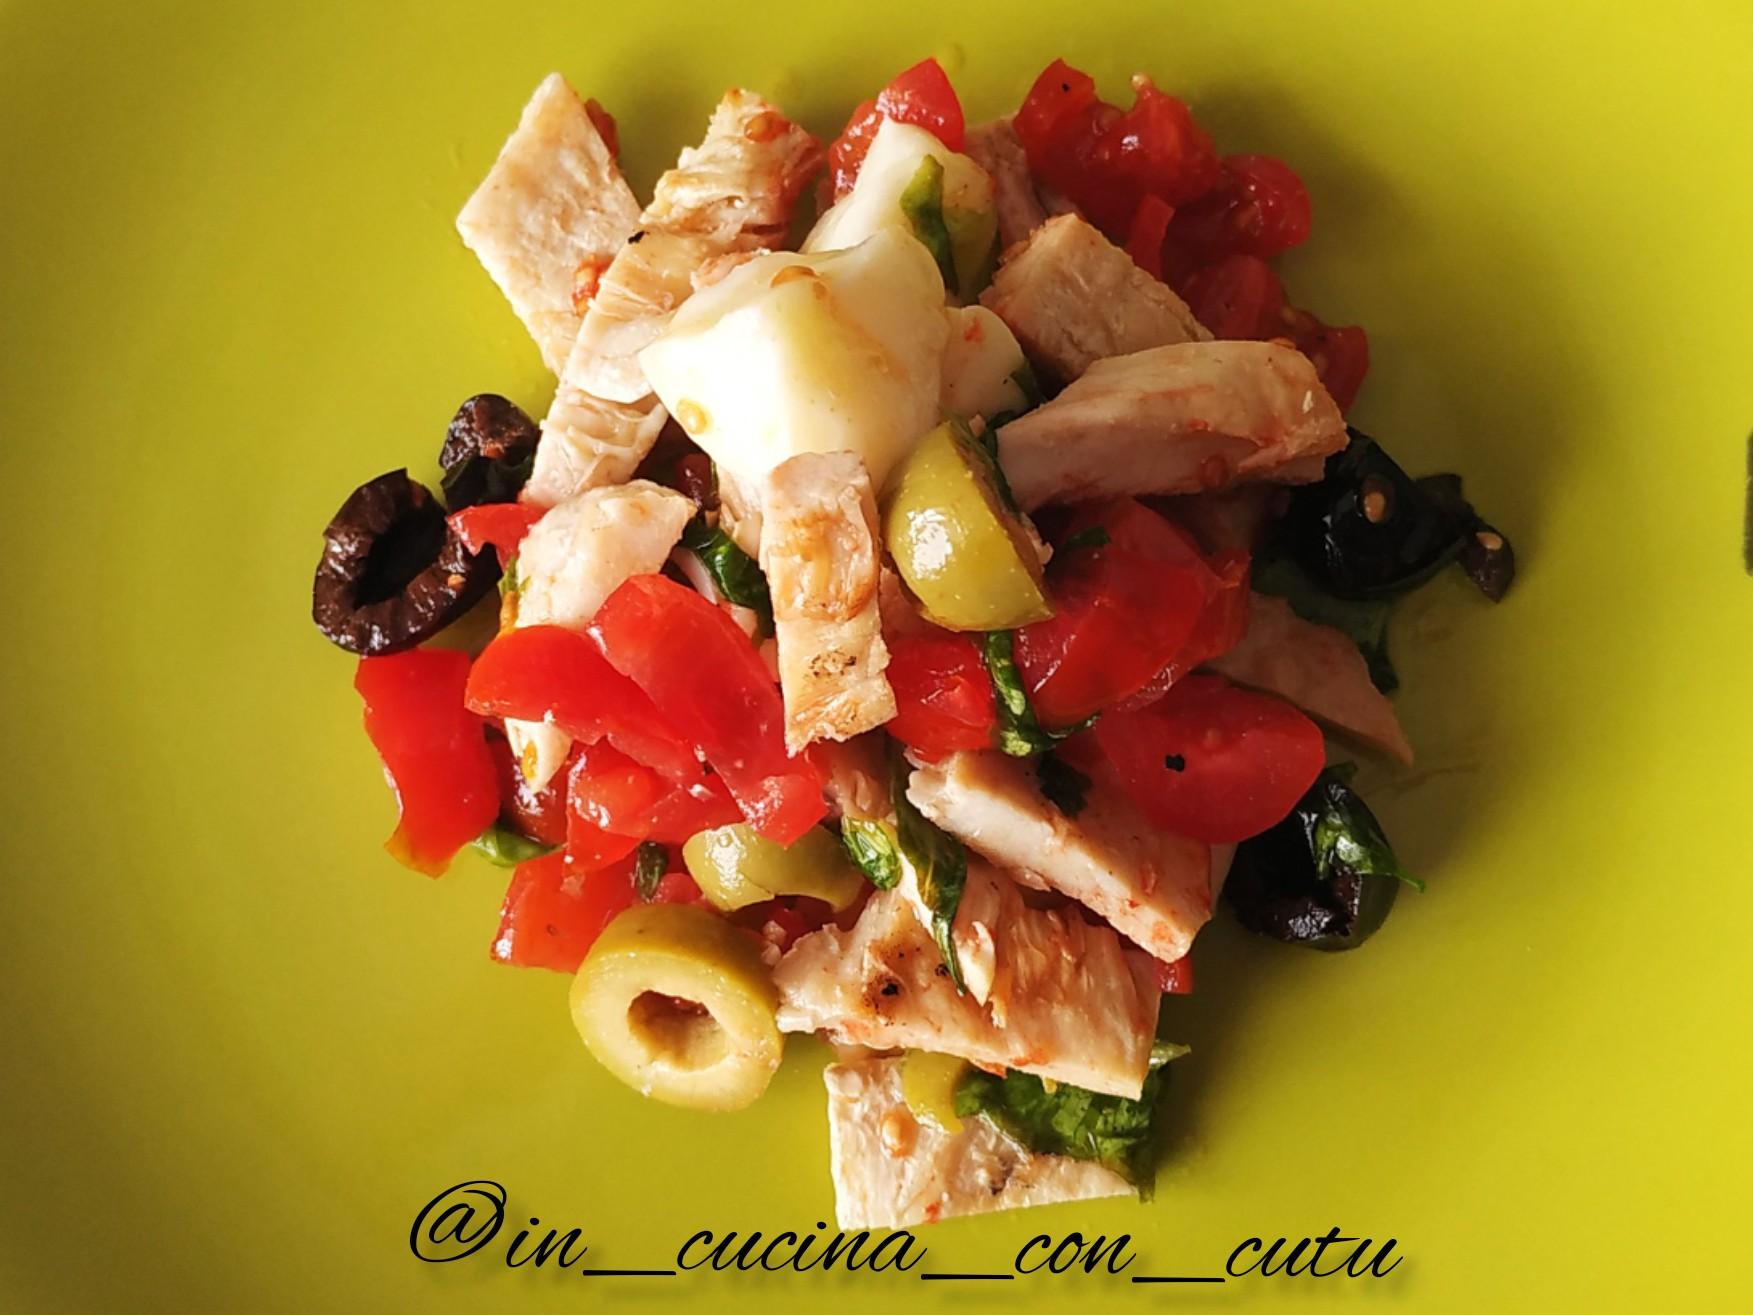 Immagine articolo: La mia ricetta è: Insalata di pollo. Consigli per un piatto leggero ma gustoso